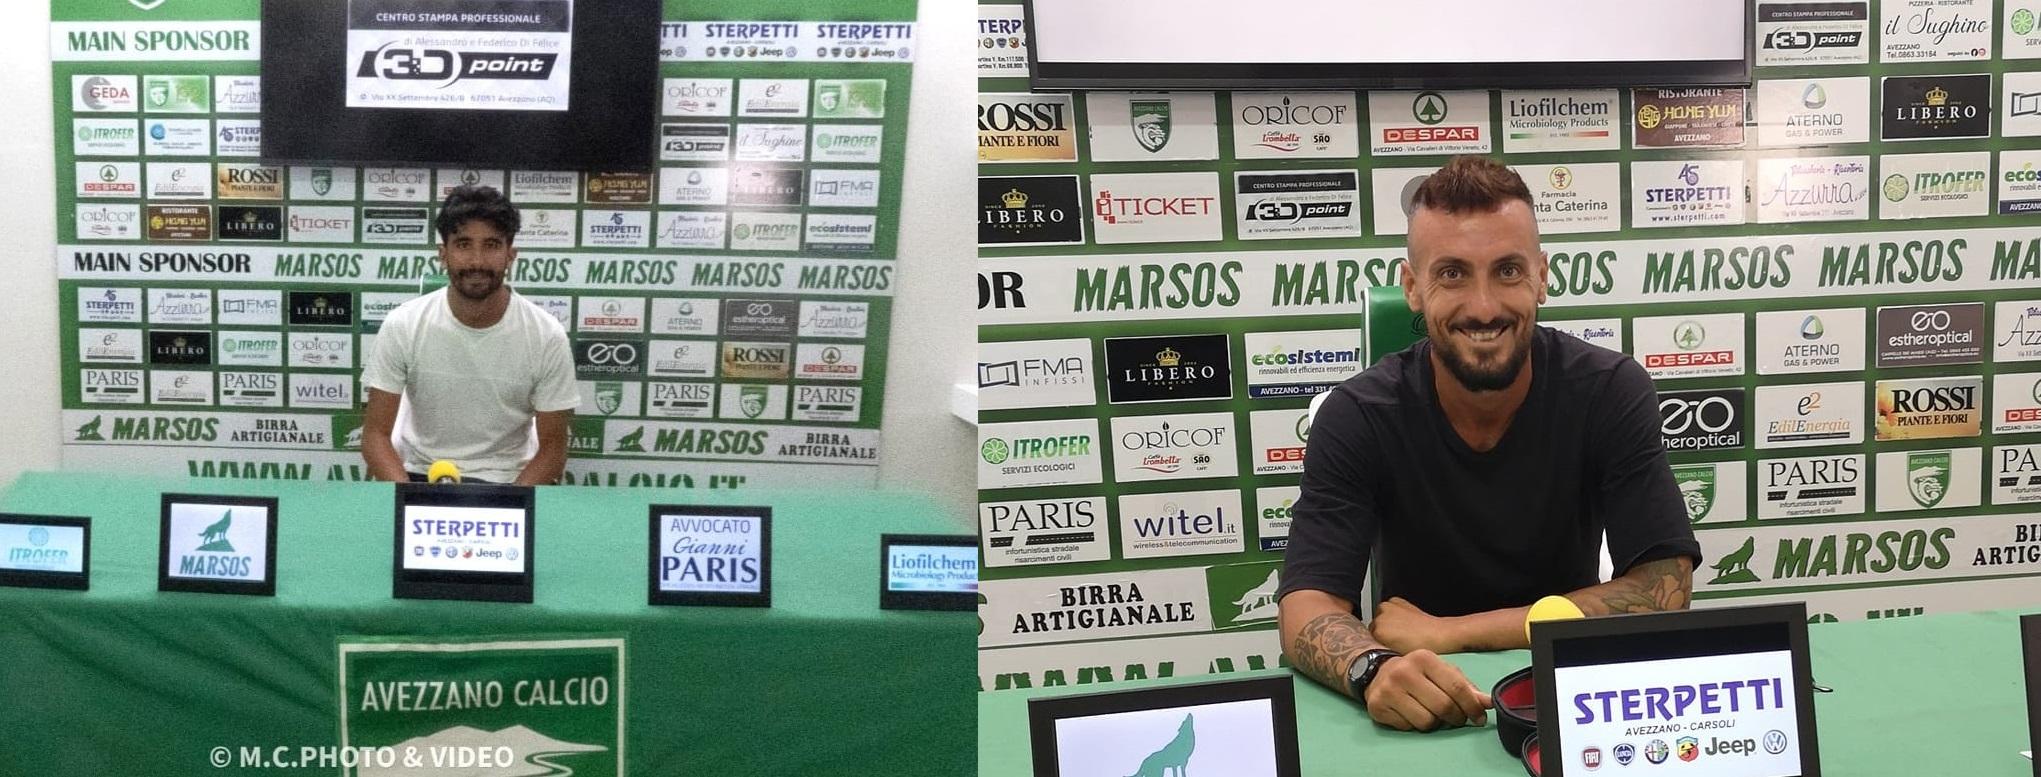 Avezzano Calcio, ufficializzati Verna e Lepre per la prossima stagione